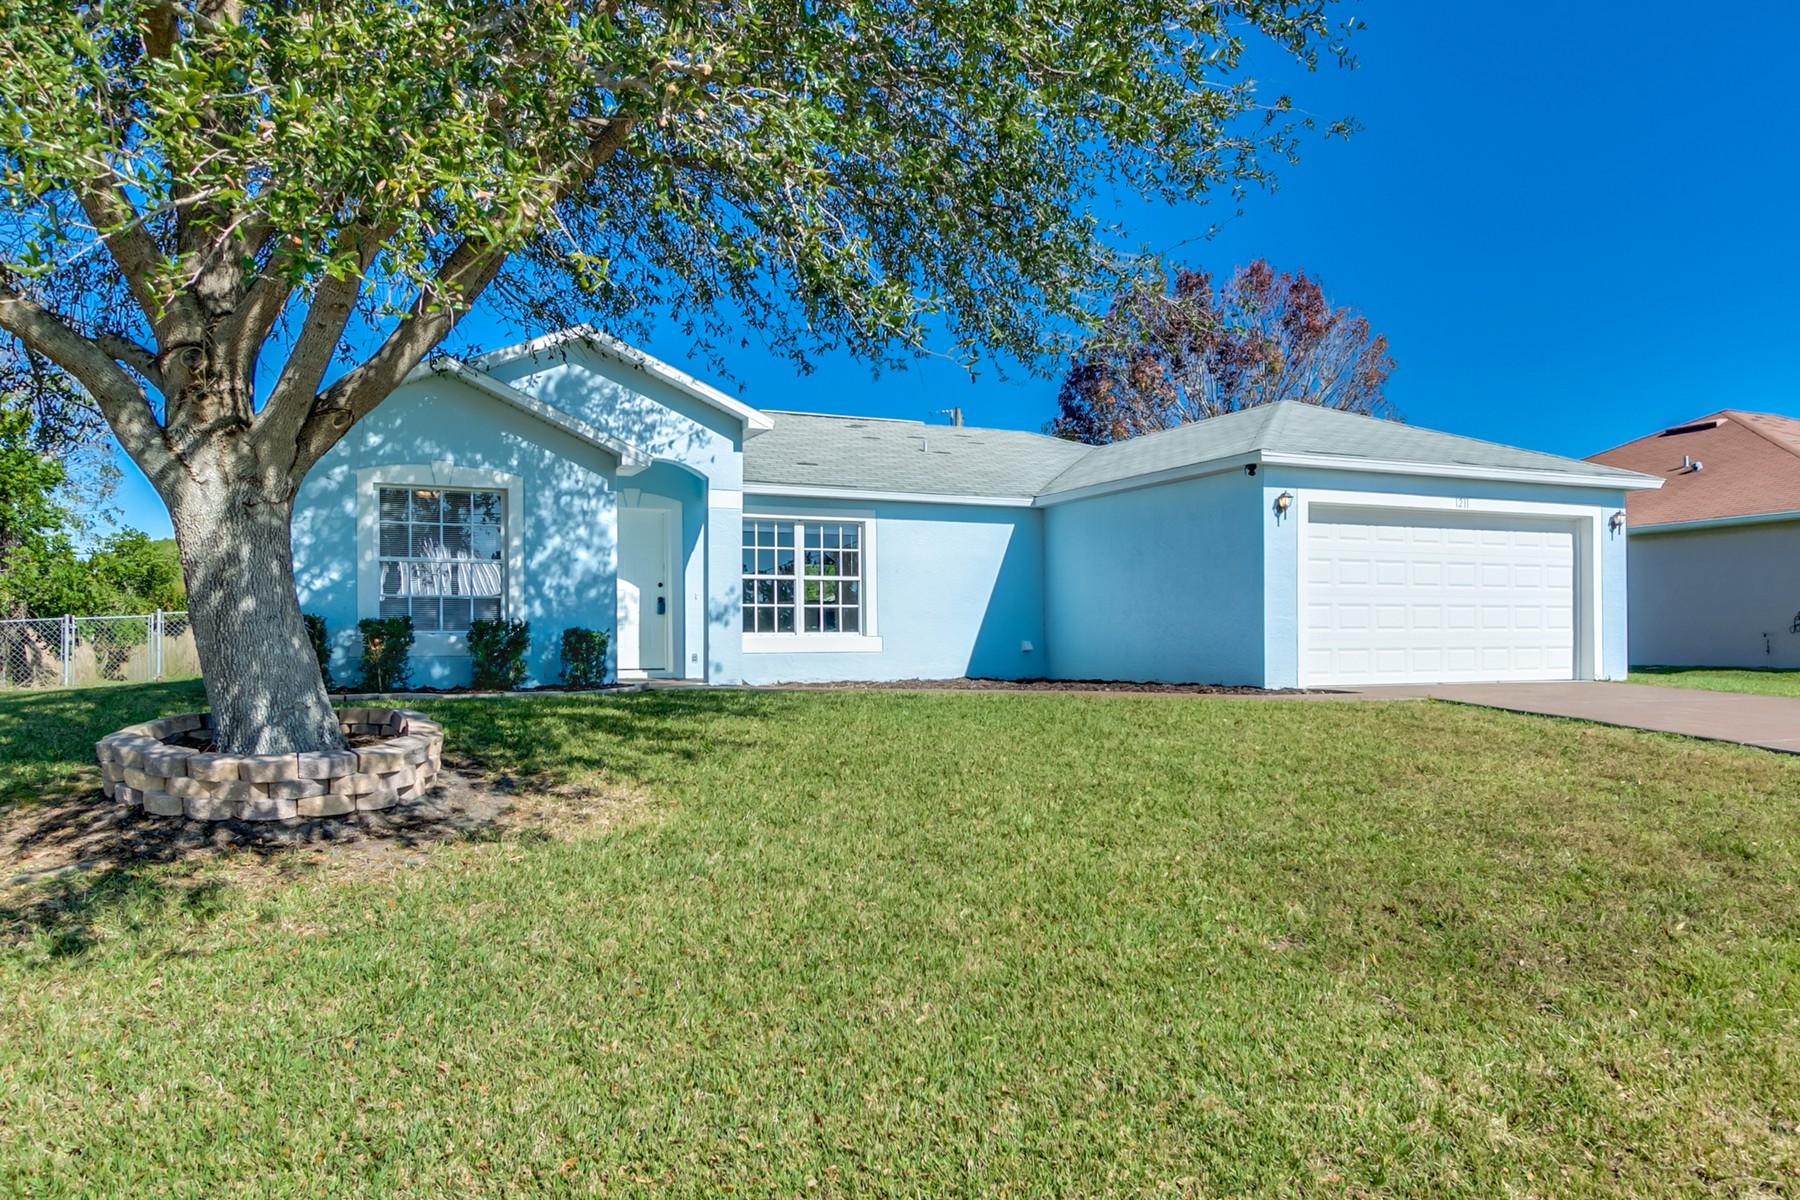 独户住宅 为 销售 在 1211 NW Heberling Street Palm Bay, 佛罗里达州, 32907 美国